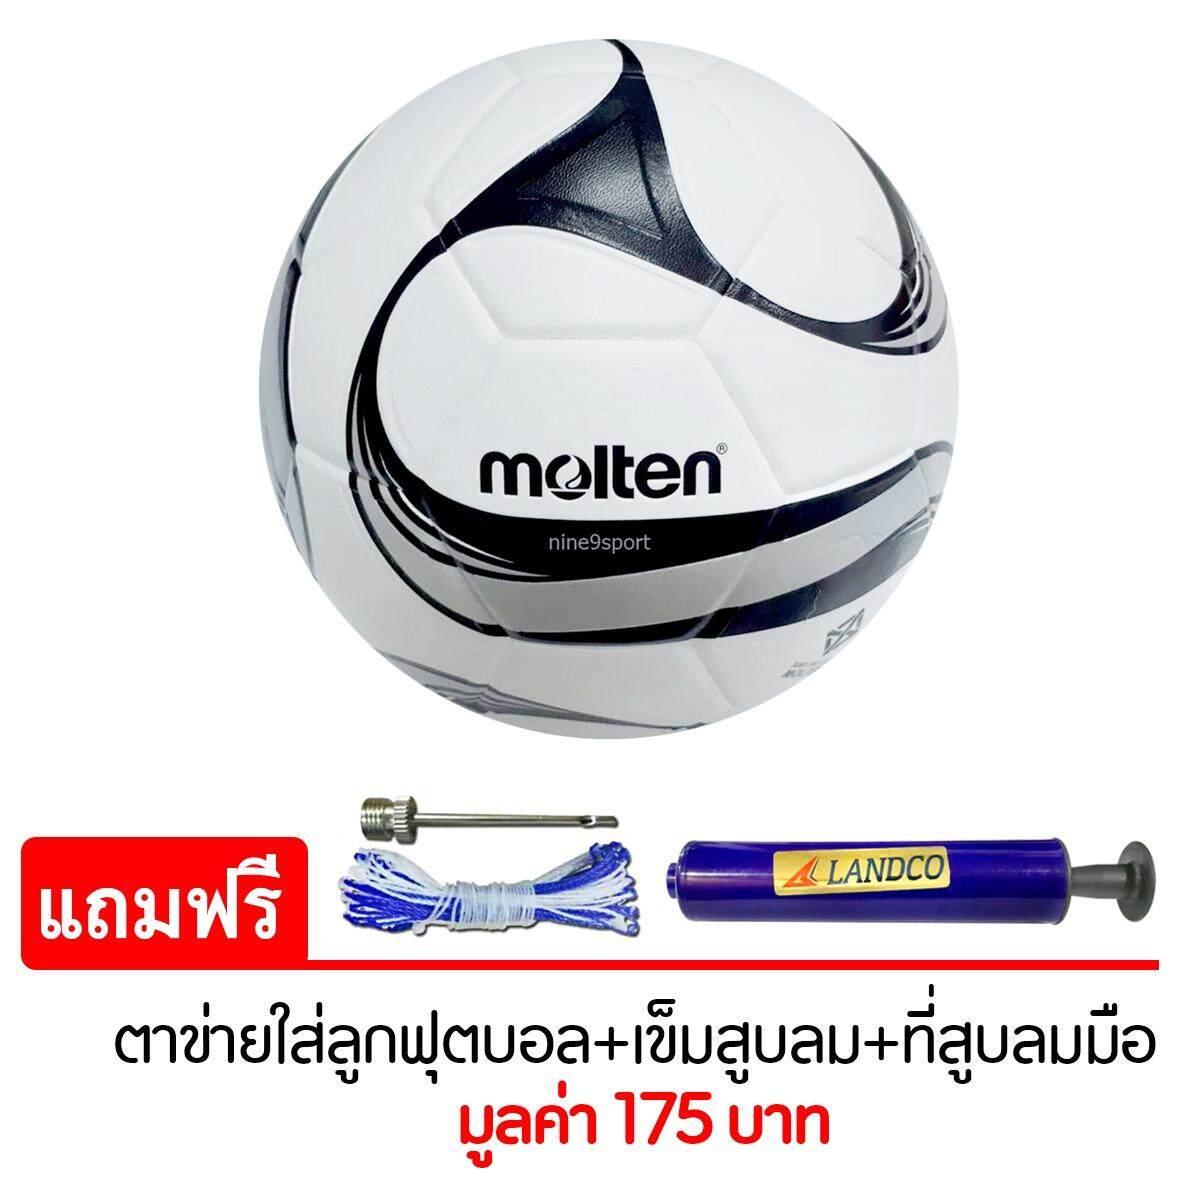 ขาย Molten ลูกฟุตบอล หนังอัด พีวีซี Football Molten Pvc F5F1500 Wk เบอร์ 5 500 แถมฟรี ตาข่ายใส่ลูกฟุตบอล เข็มสูบสูบลม สูบมือ Spl รุ่น Sl6 สีน้ำเงิน Molten ออนไลน์